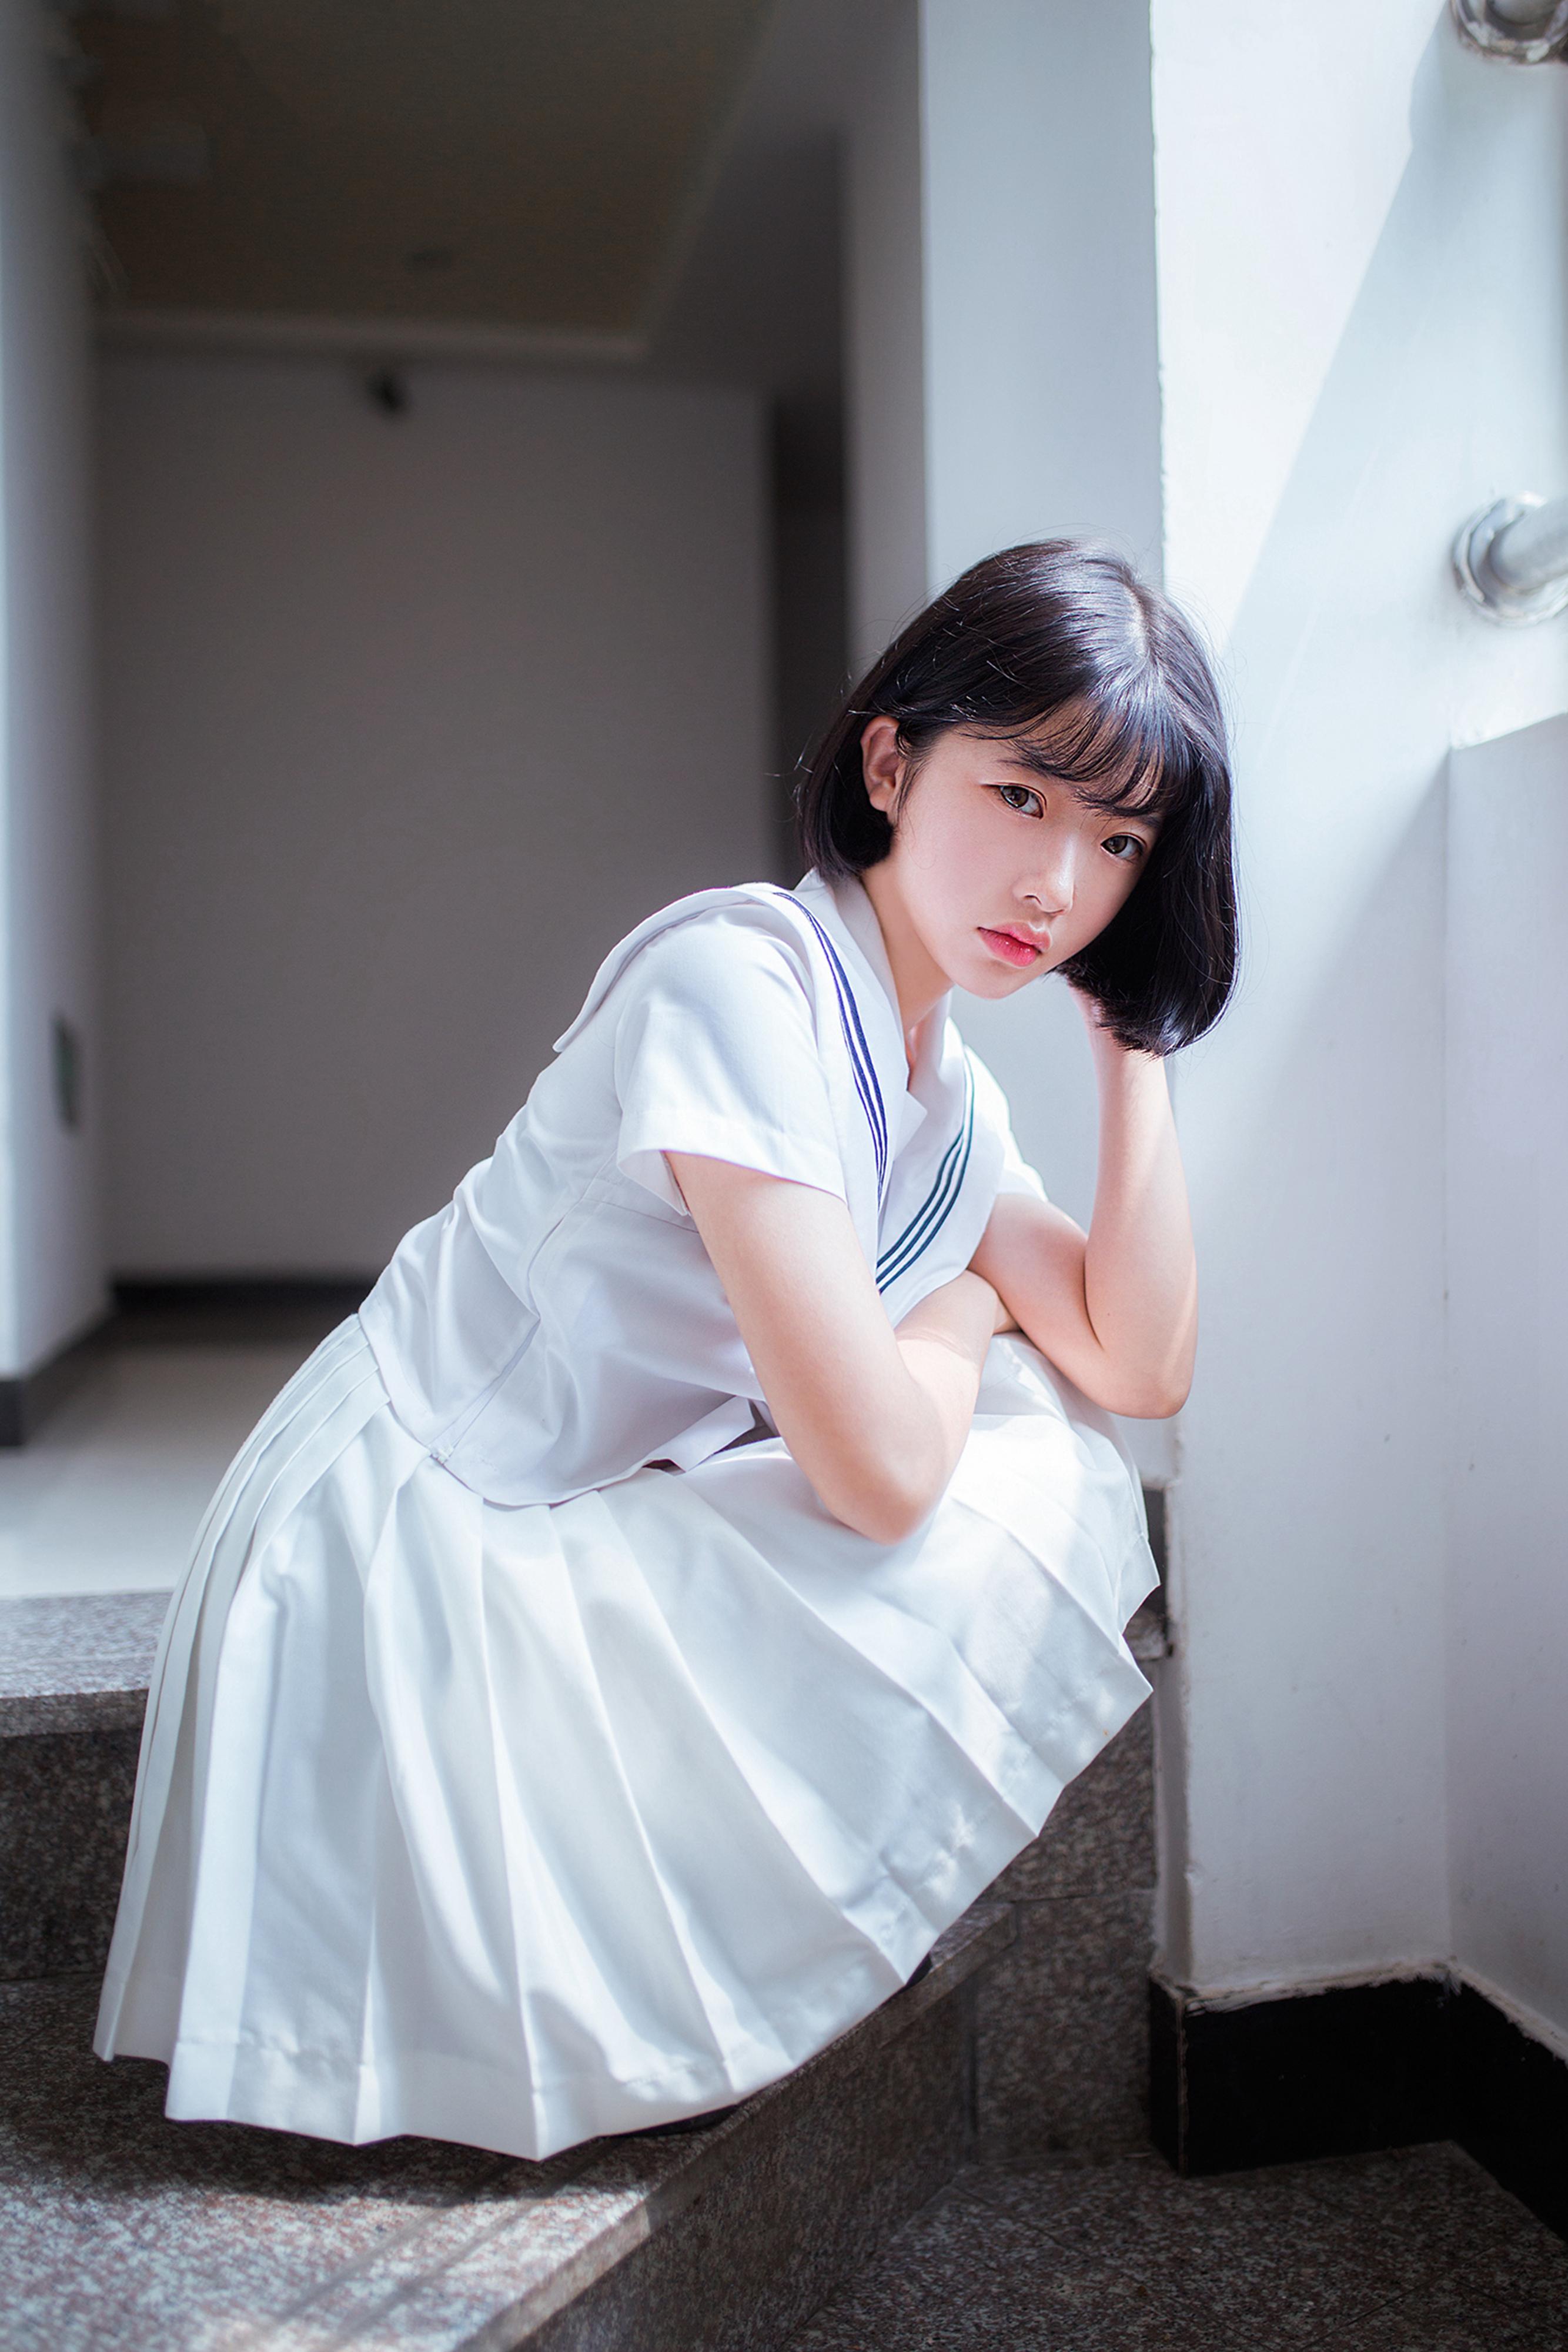 喵糖映画 Vol.437 男友的白衬衫免下载在线看-觅爱图